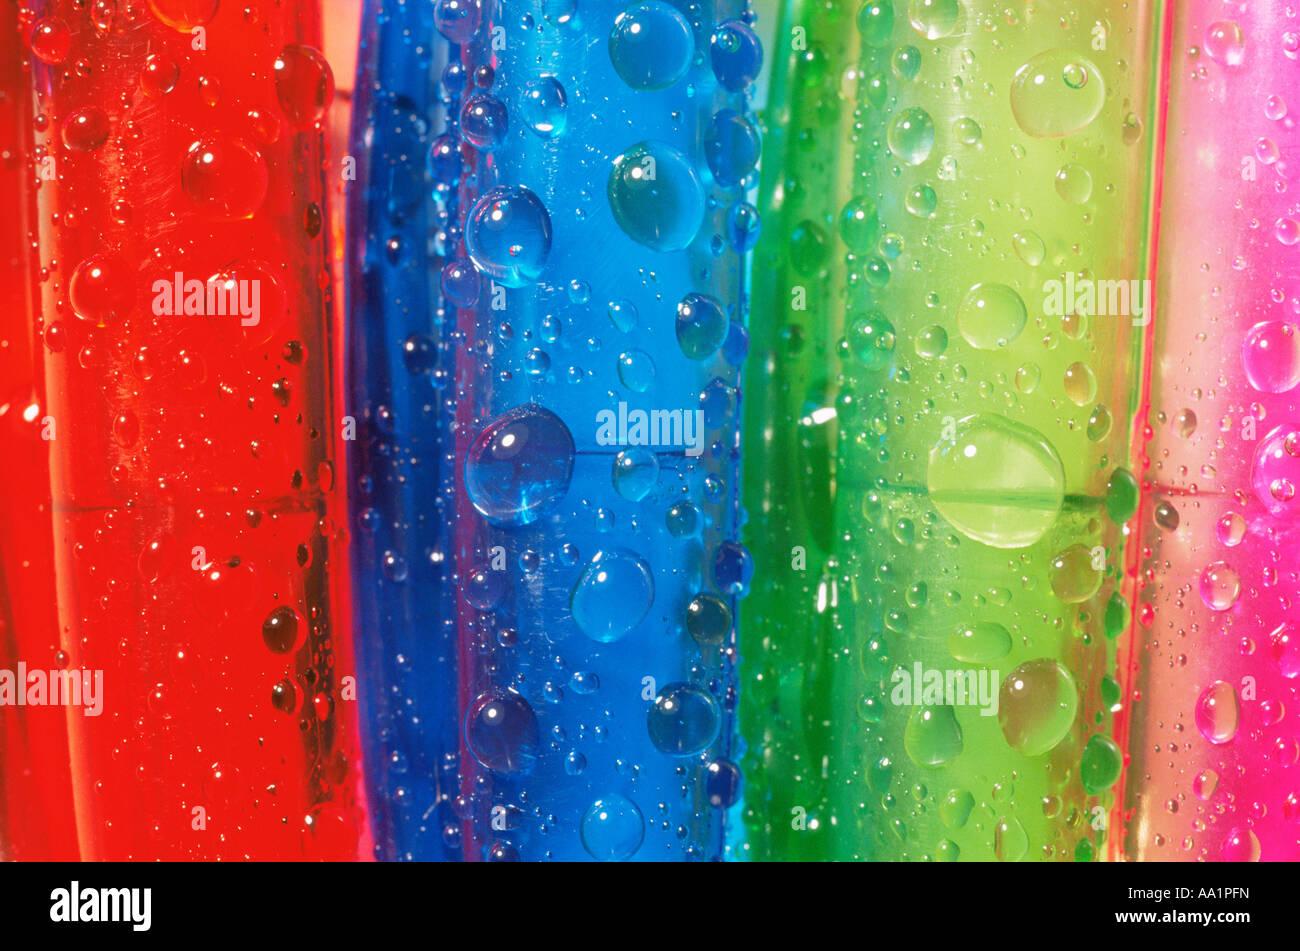 Les gouttelettes d'eau sur plastique Photo Stock